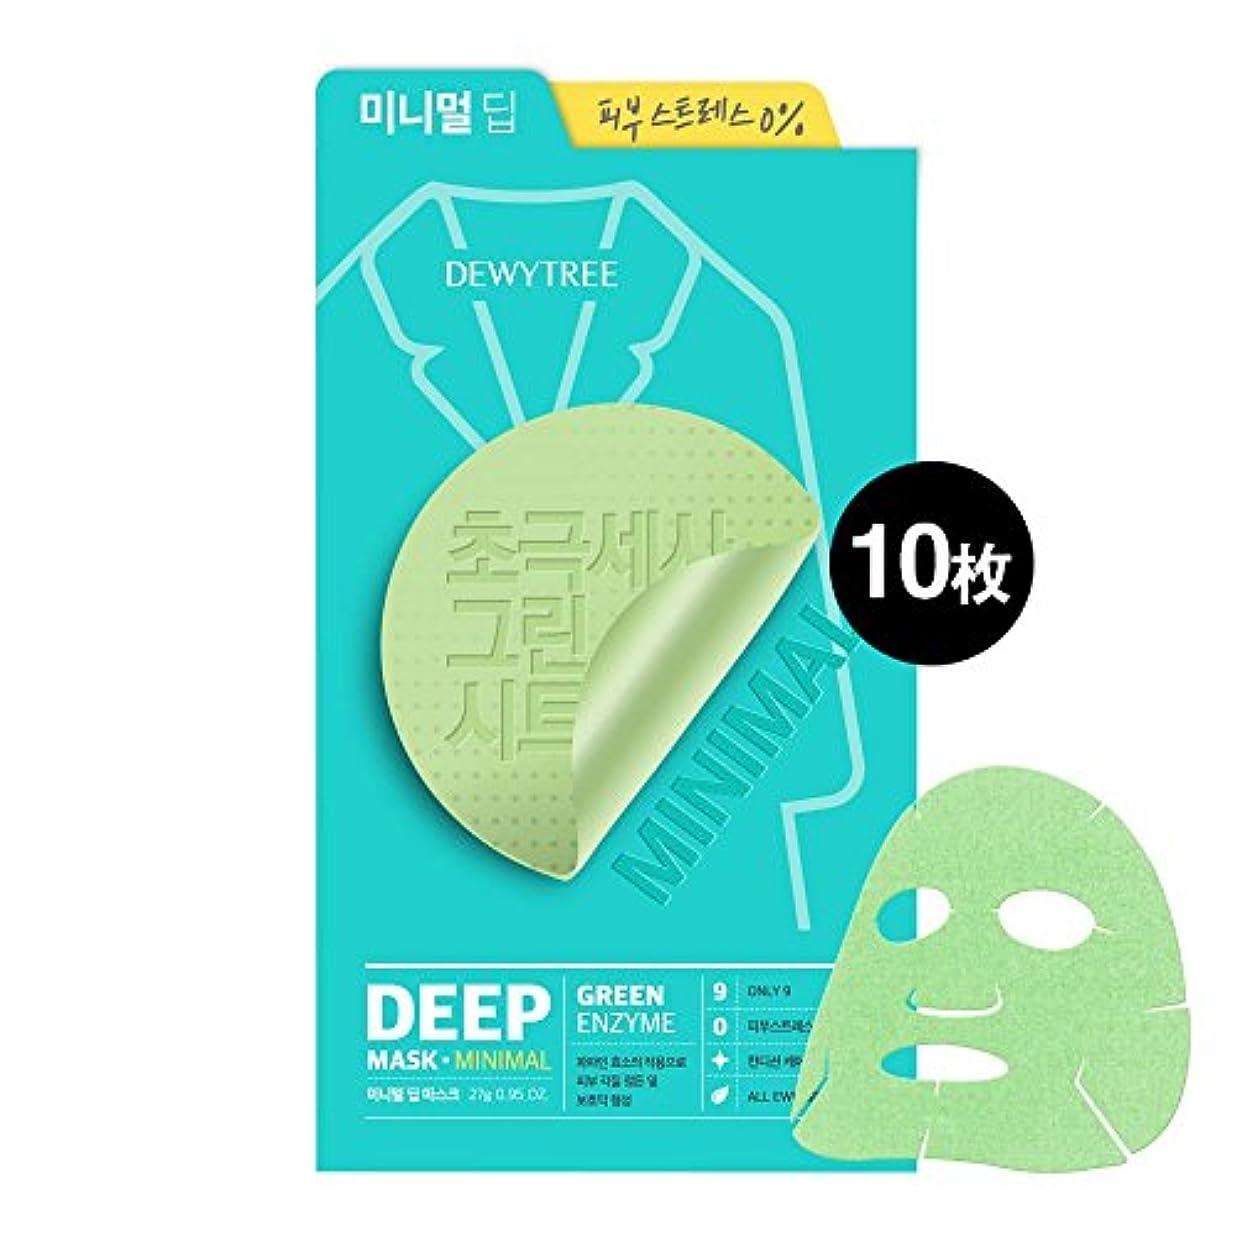 永久に脅威遊びます(デューイトゥリー) DEWYTREE ミニマルディープマスク 10枚 Minimal Deep Mask 韓国マスクパック (並行輸入品)